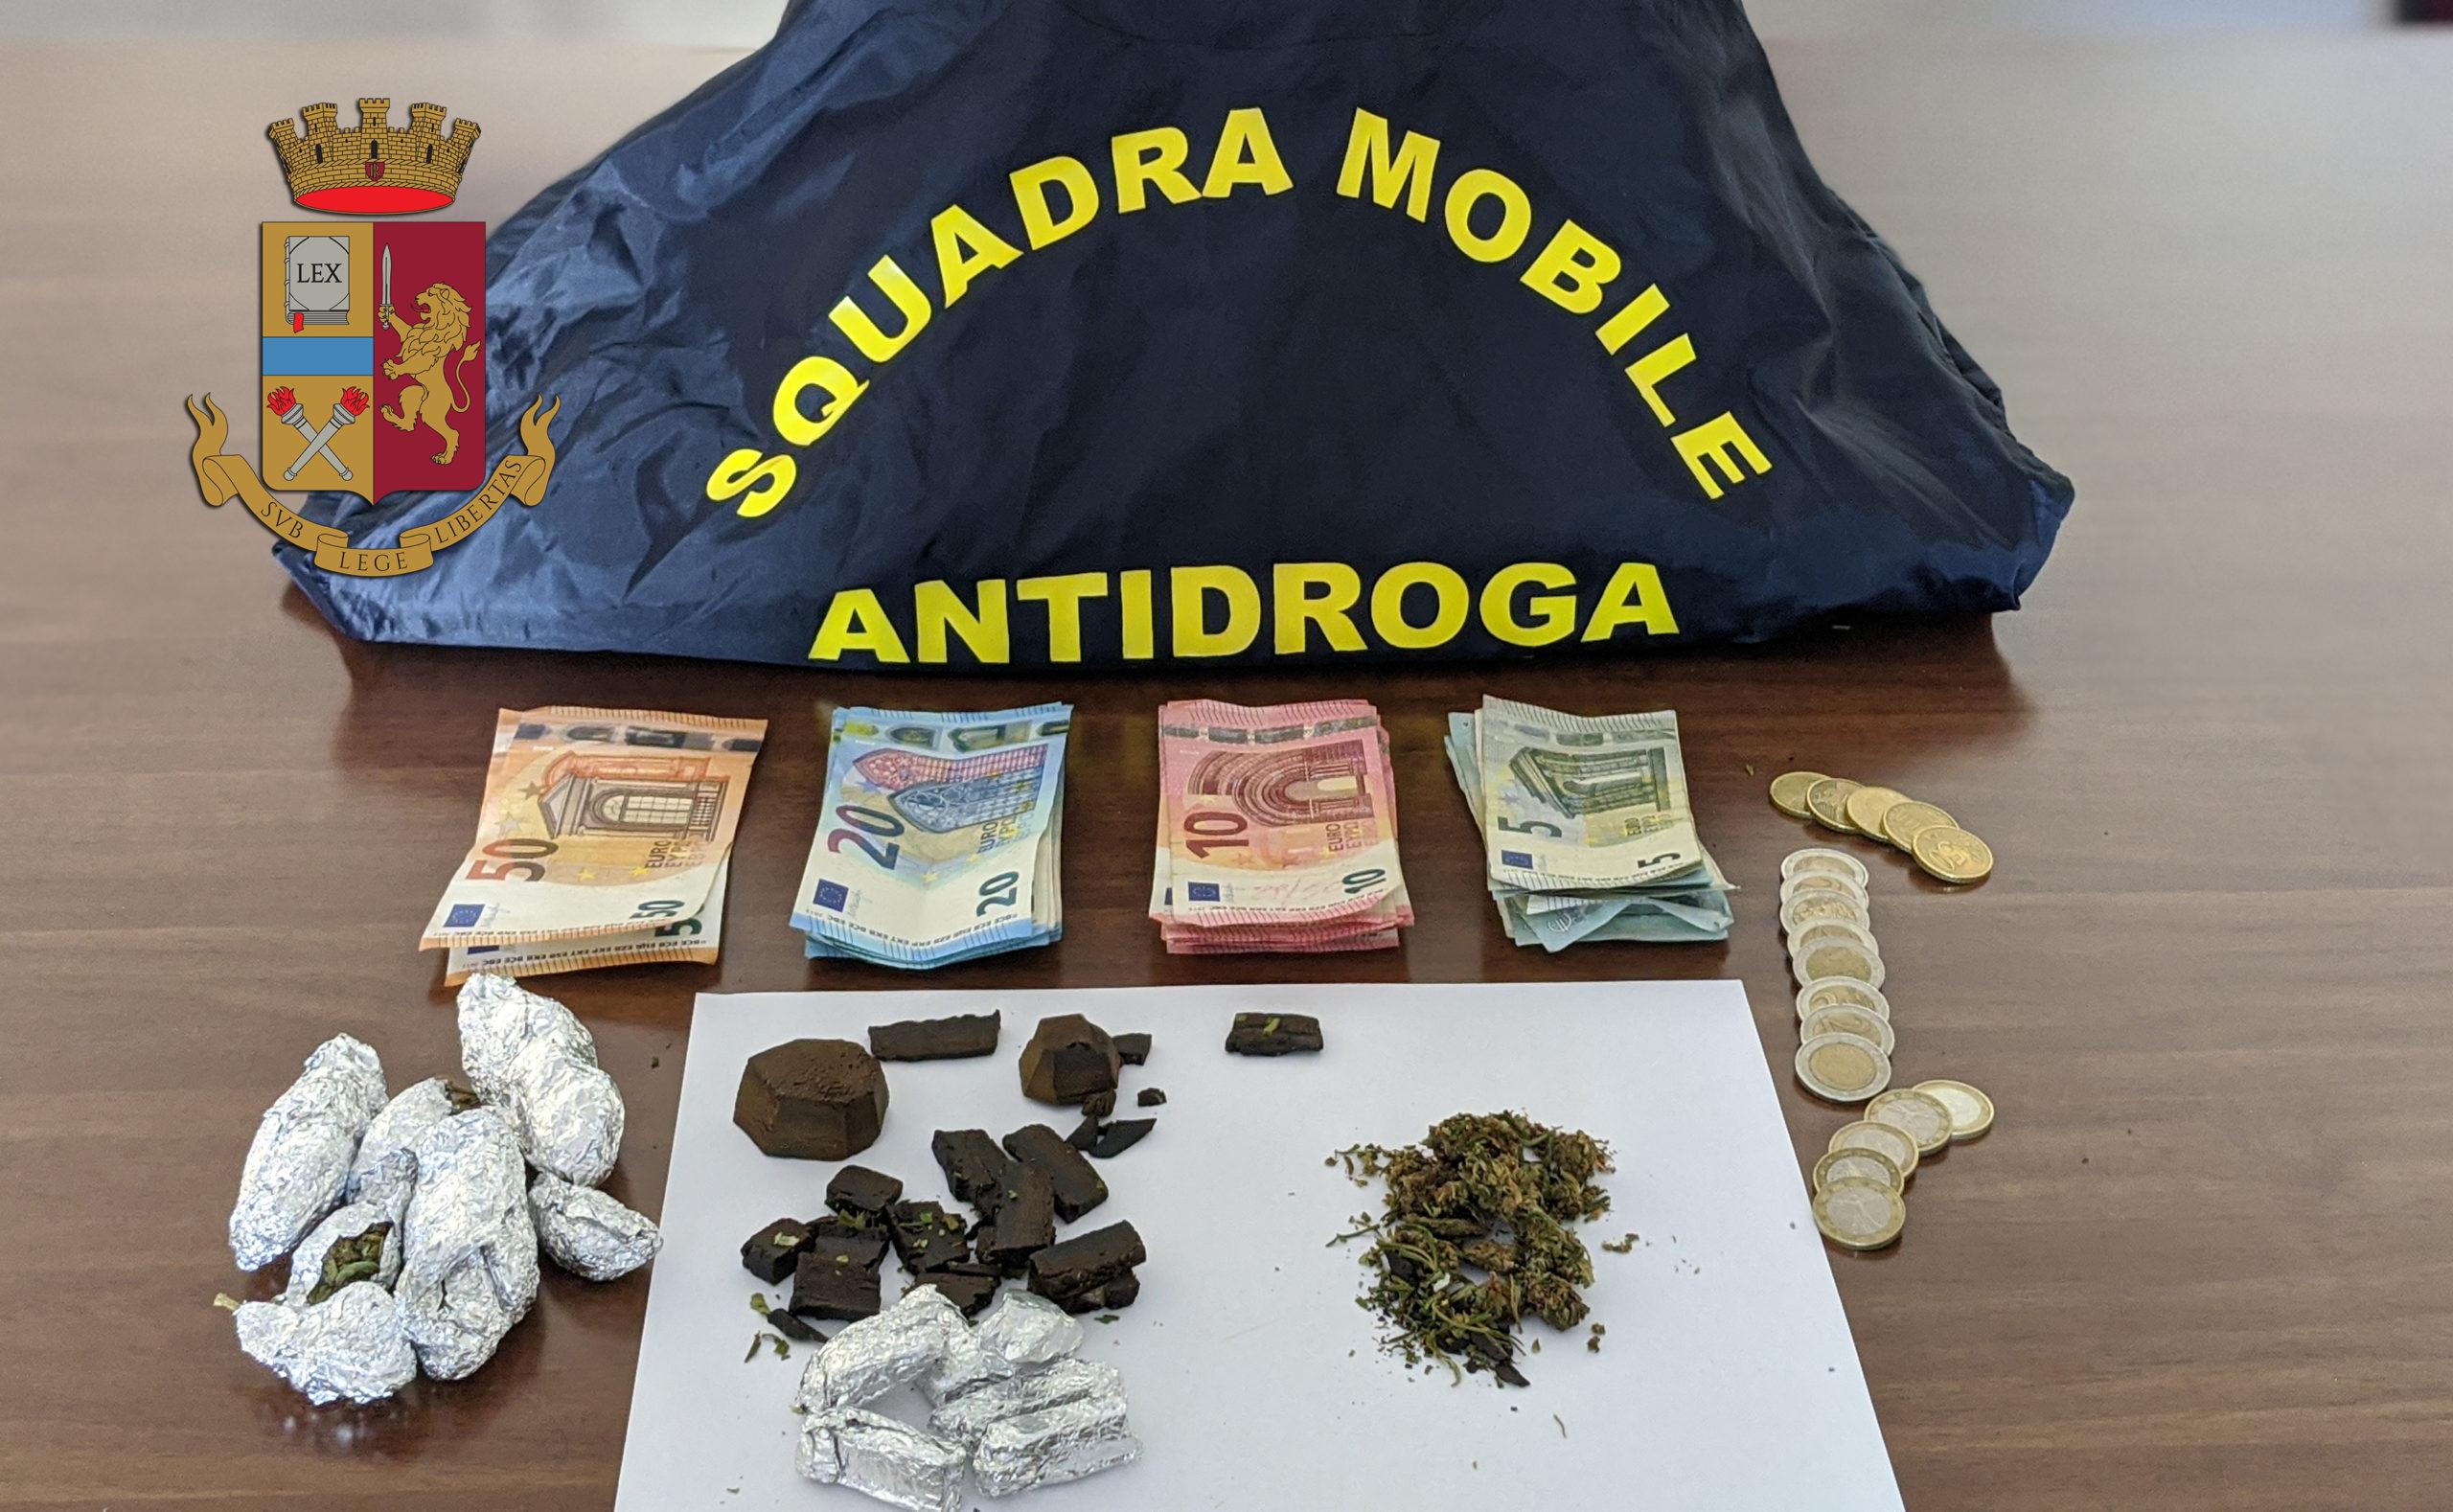 Dosi di marijuana negli slip, 39enne recidivo per spaccio arrestato dalla Squadra Mobile